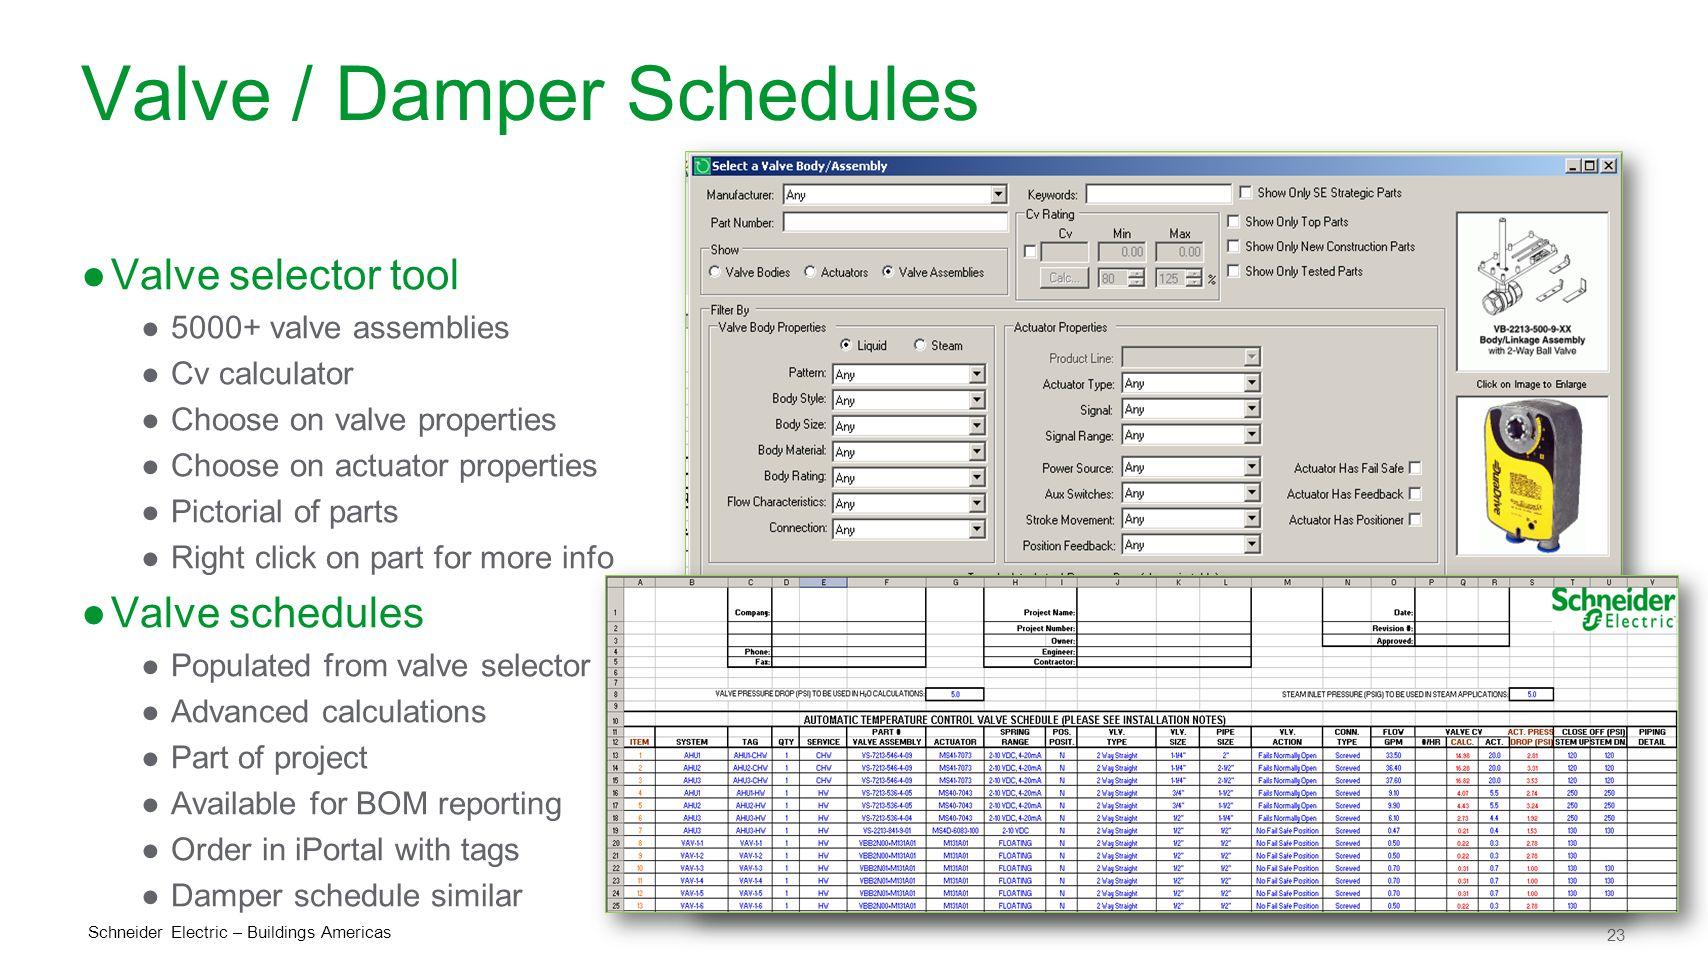 Valve / Damper Schedules